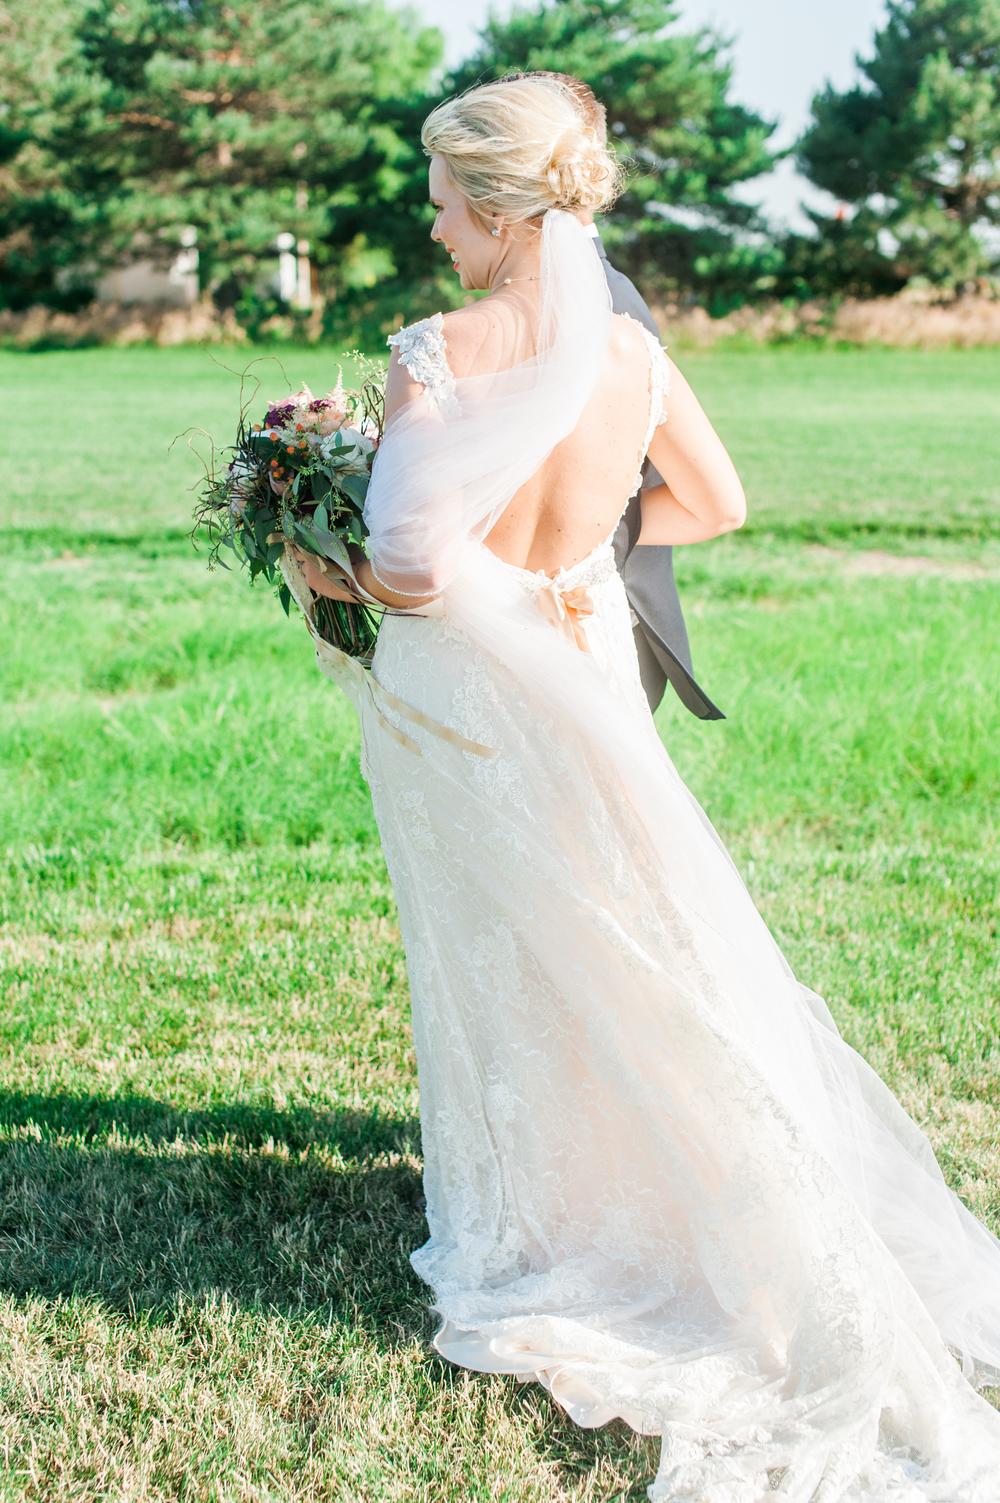 Omaha bride at outdoor wedding